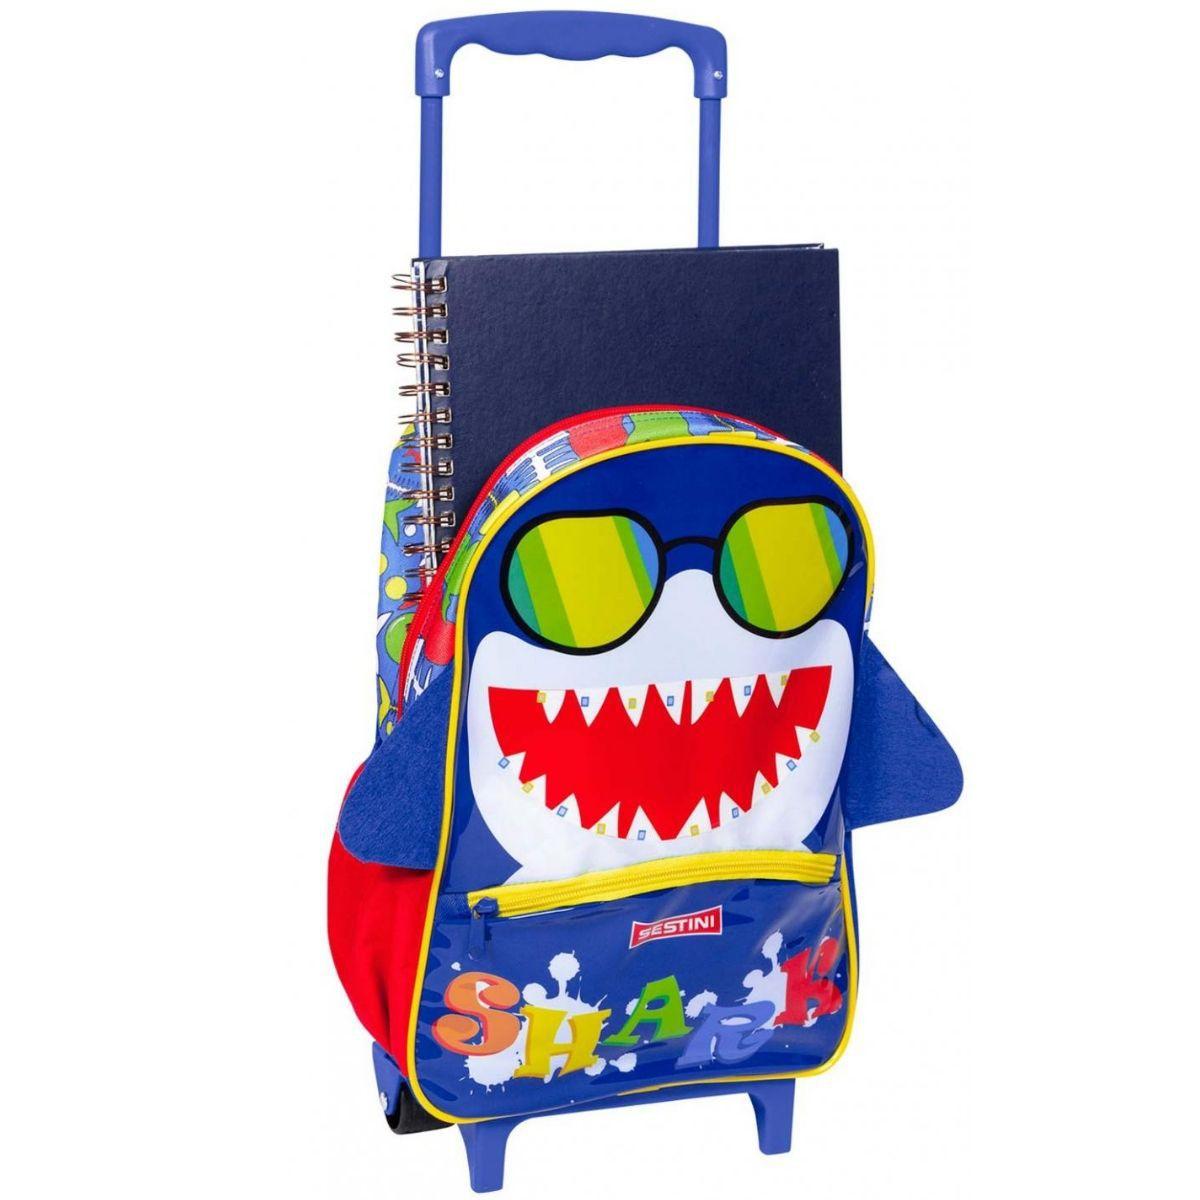 Mochila Mochilete Infantil Escolar De Rodinhas Tubarão Sestini - 065606-00